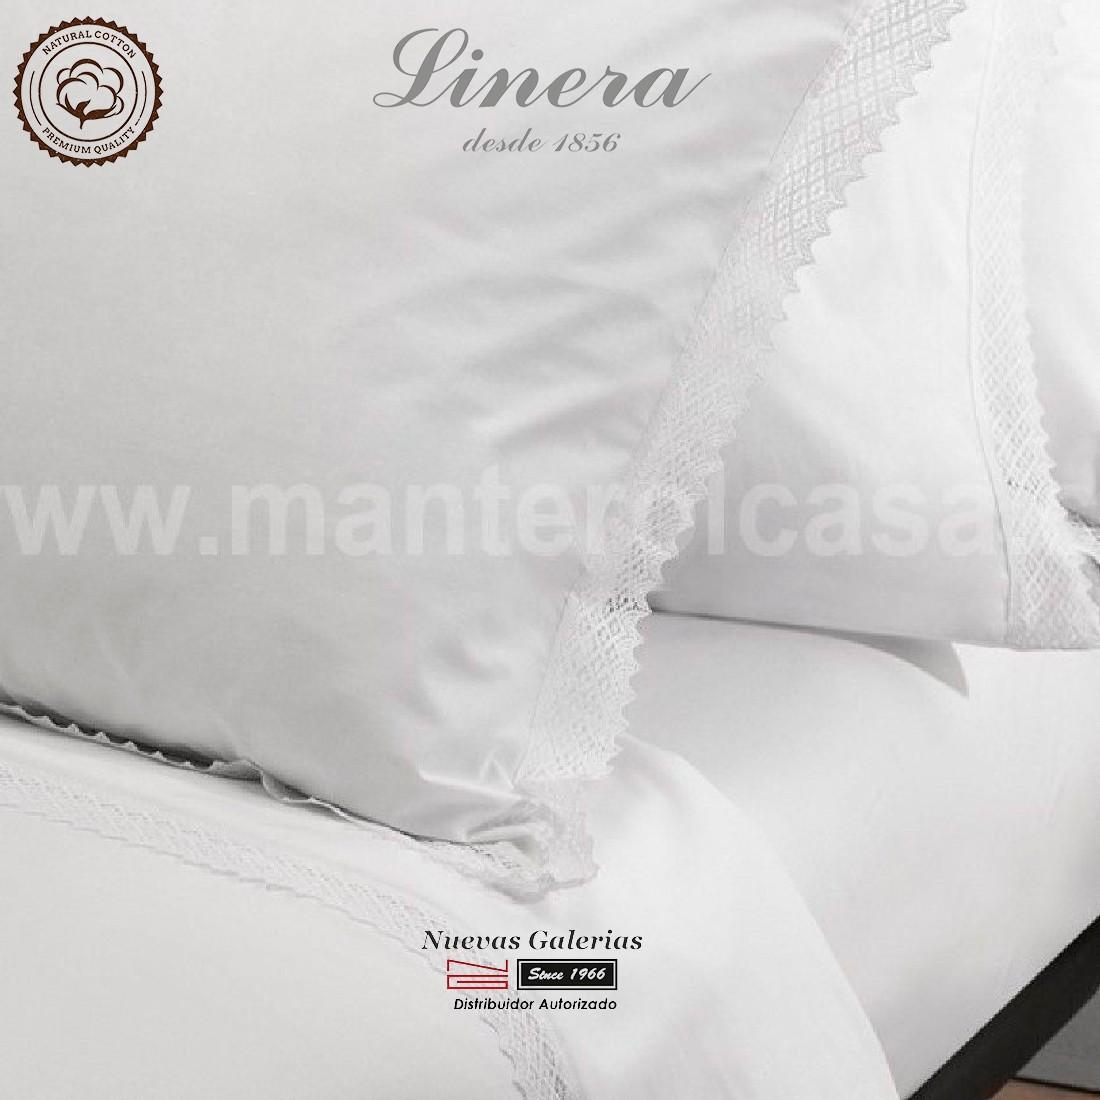 Ensemble de draps Linera de coton 200 fils | Crochet Blanc - Meille